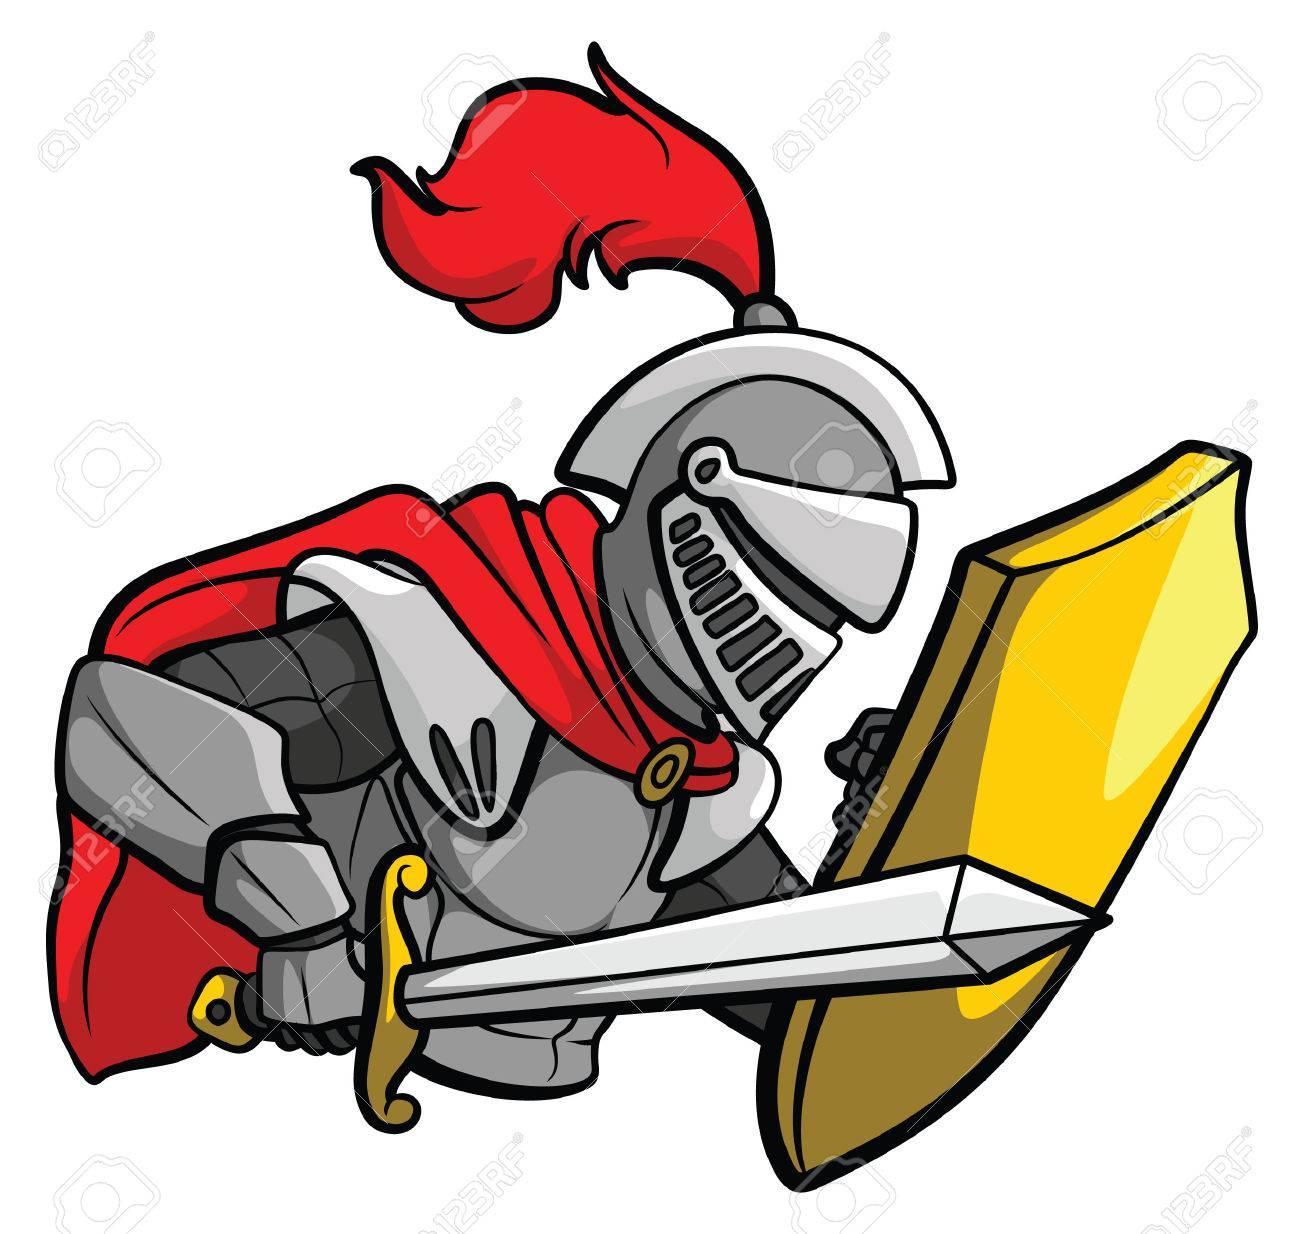 knight sword - 33042311